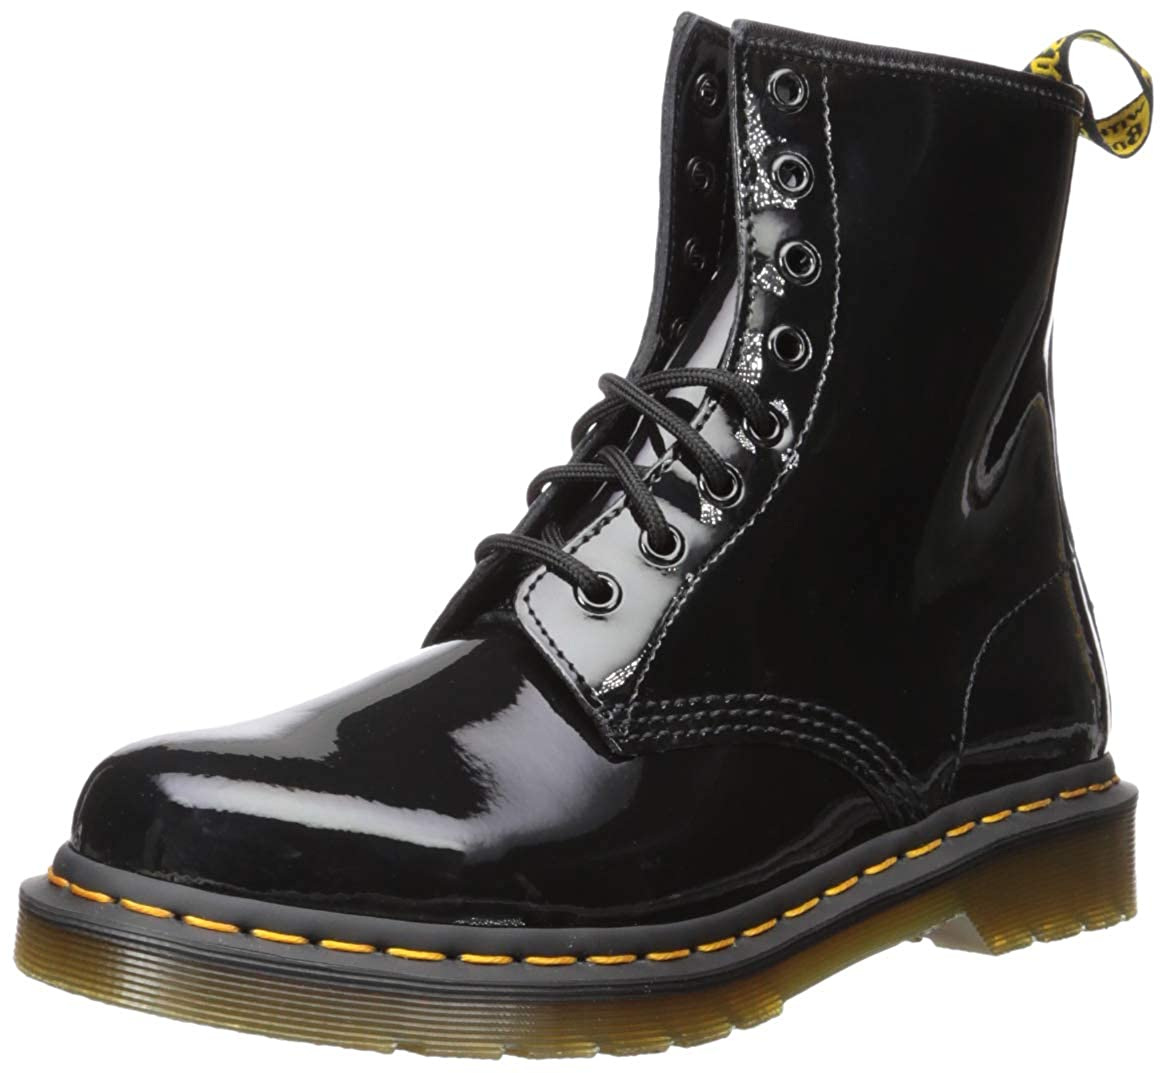 6a00be235e740c Dr. Martens 1460 W, Boots femme, Noir , 40 EU (6.5 UK): DR.MARTENS:  Amazon.fr: Chaussures et Sacs